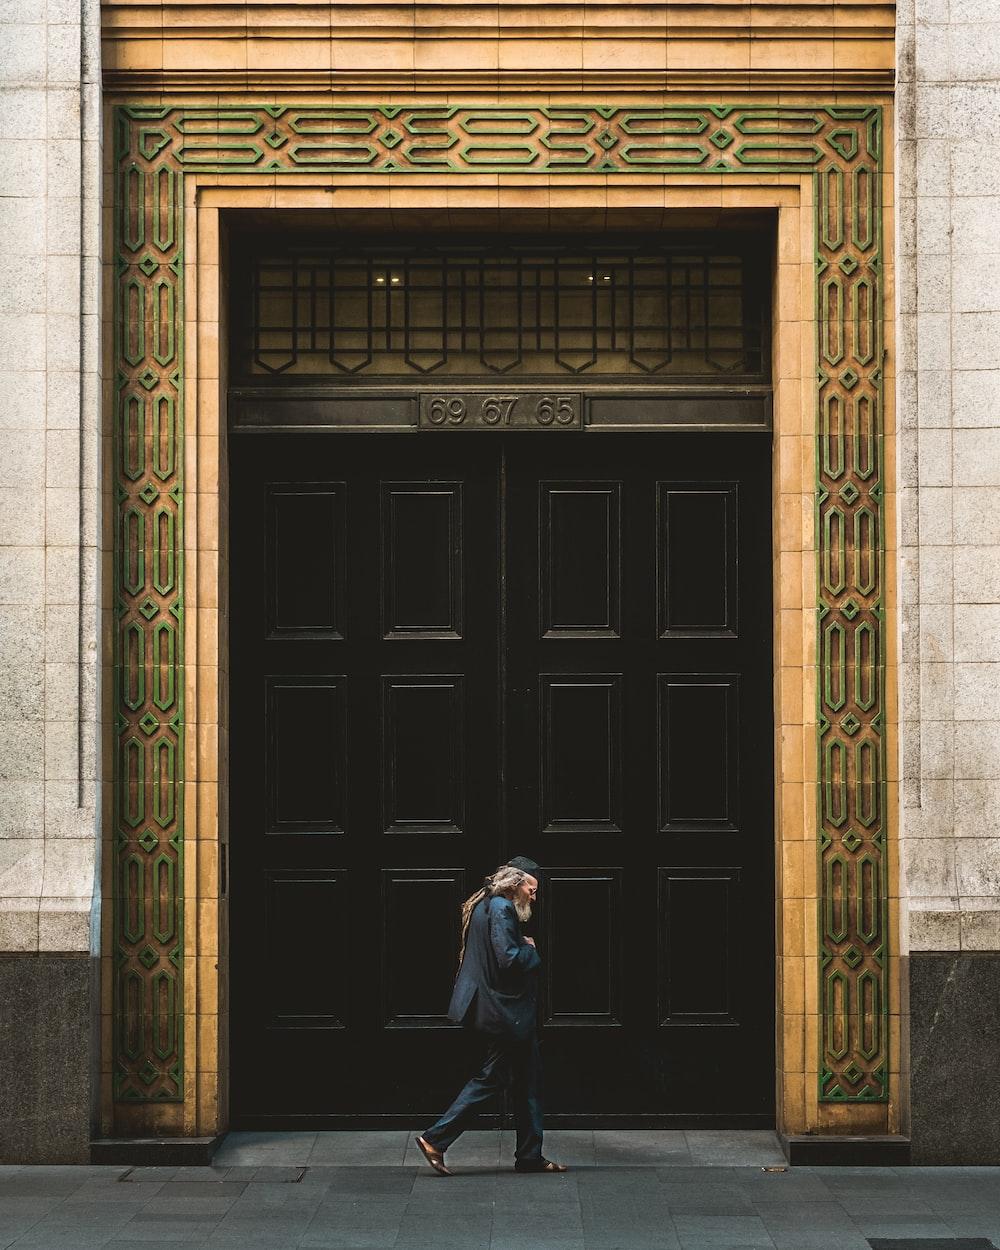 person walking in front of black wooden door